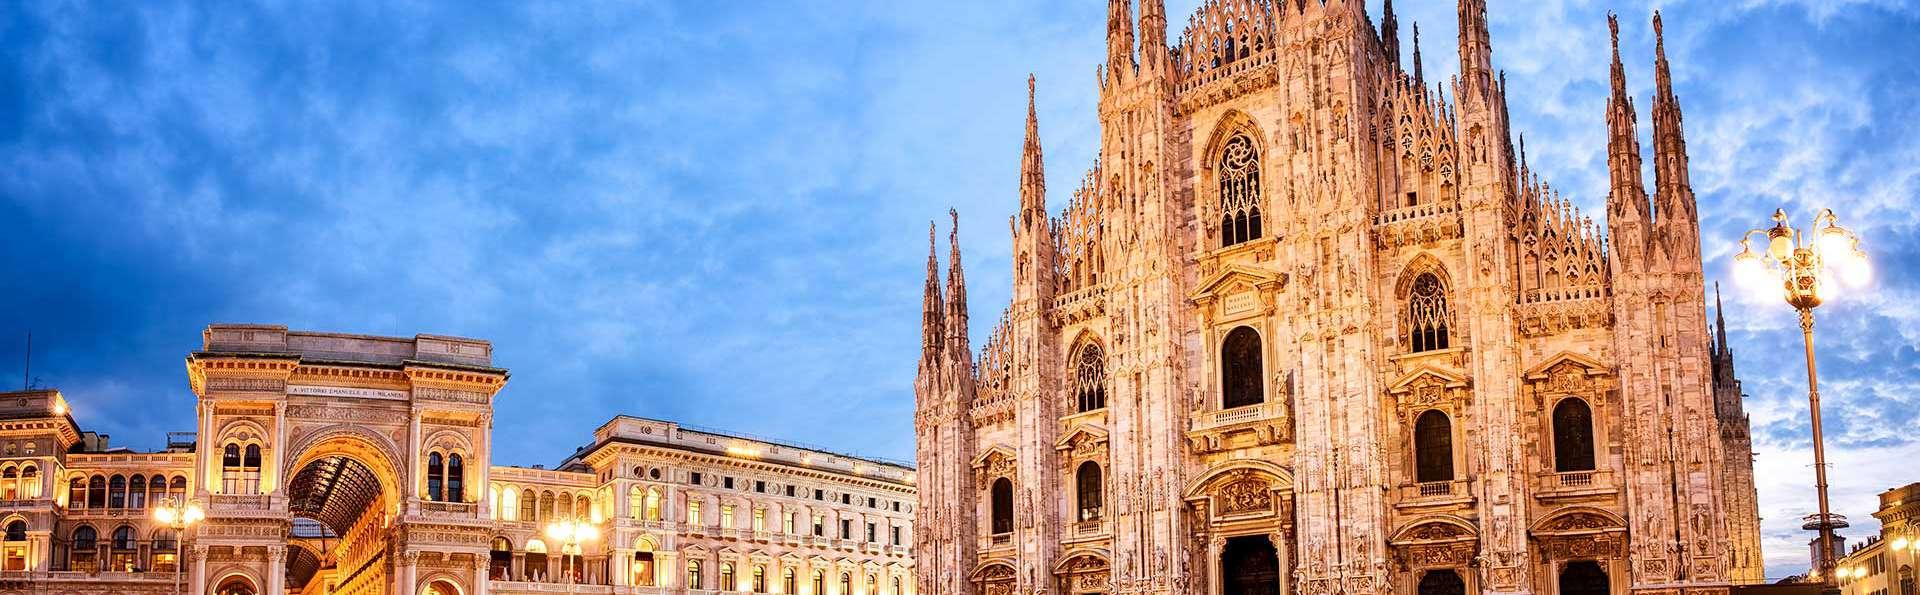 Pied-à-terre idéal au cœur de Milan